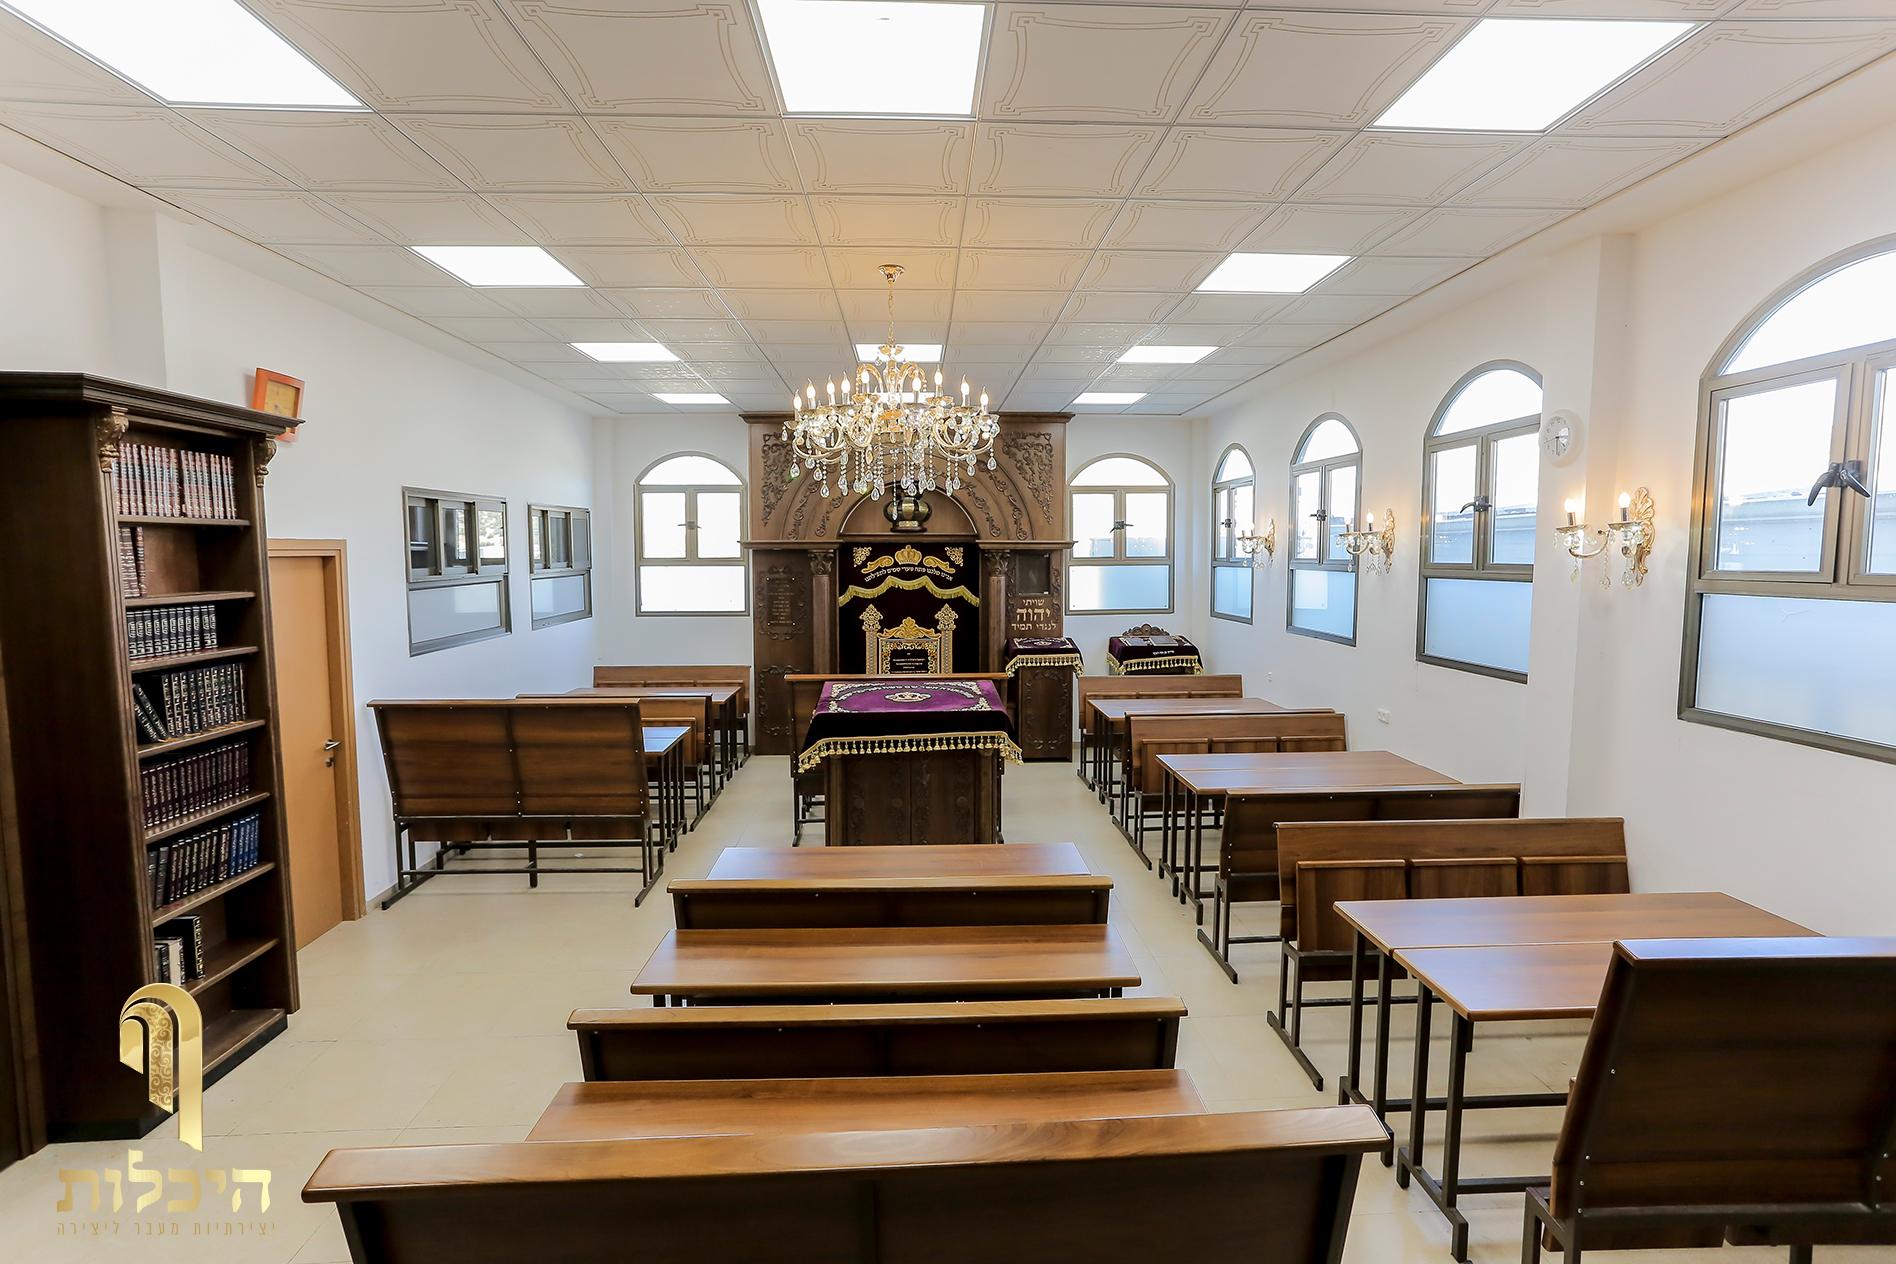 בית הכנסת דחסידי סוכוטשוב - בית שמש